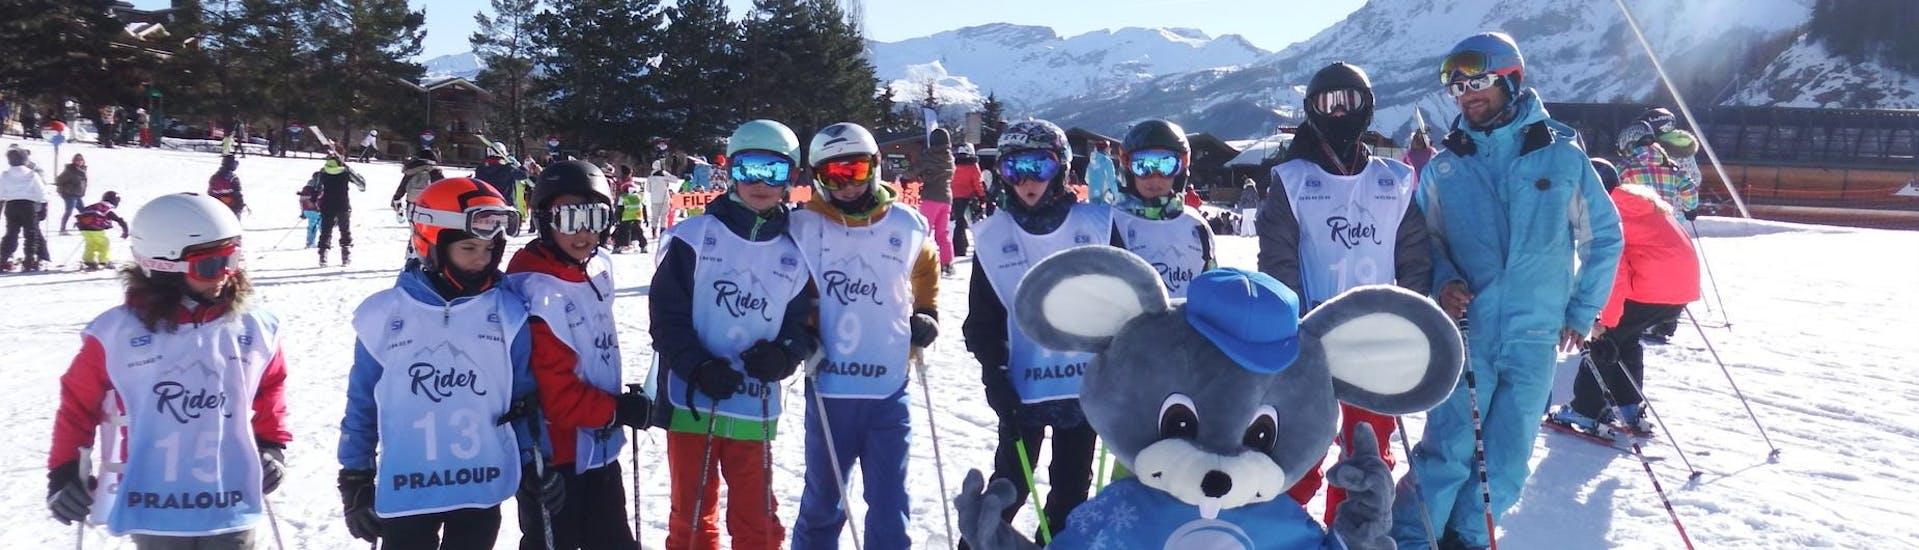 Cours de ski Enfants (5-12 ans) pour Tous niveaux - Matin avec ESI Pra Loup - Hero image